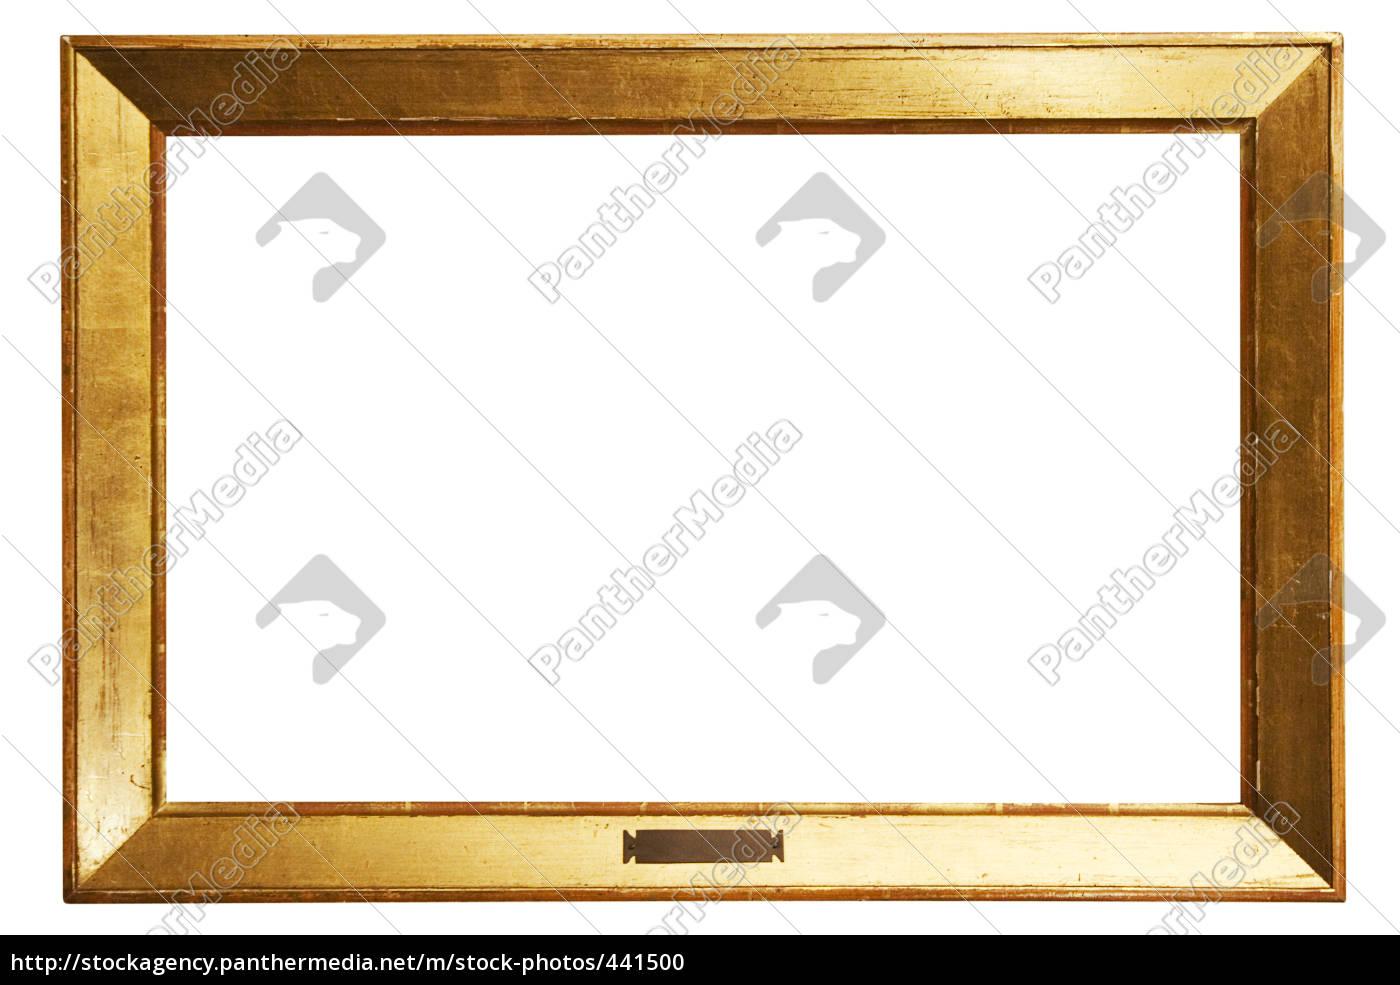 schlichter goldener rahmen mit textfeld lizenzfreies foto 441500 bildagentur panthermedia. Black Bedroom Furniture Sets. Home Design Ideas